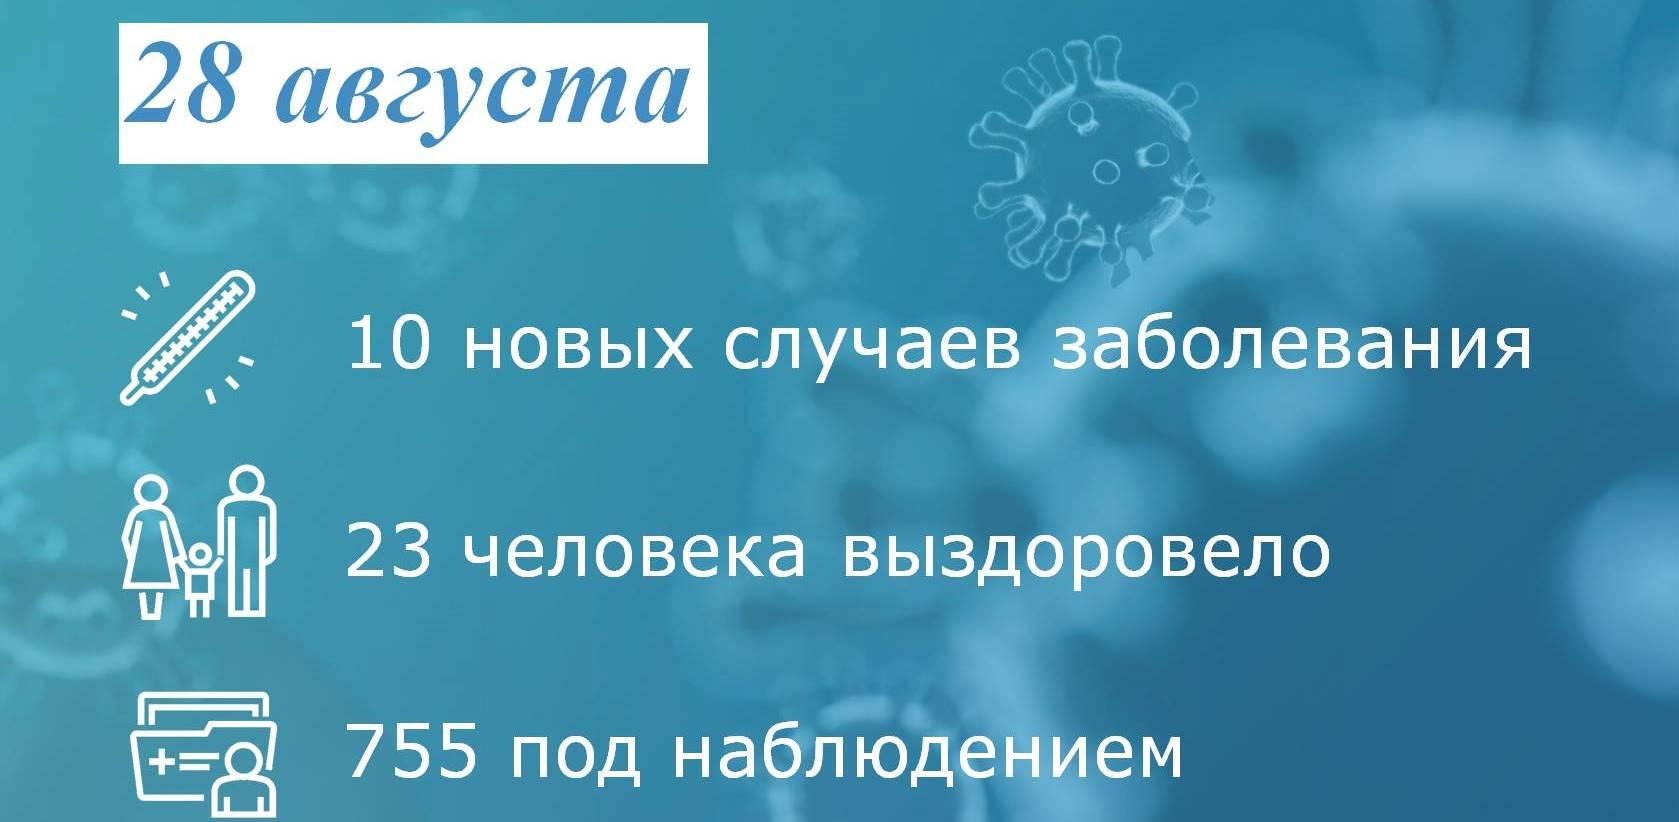 Коронавирус: в Таганроге заболели еще 10 человек